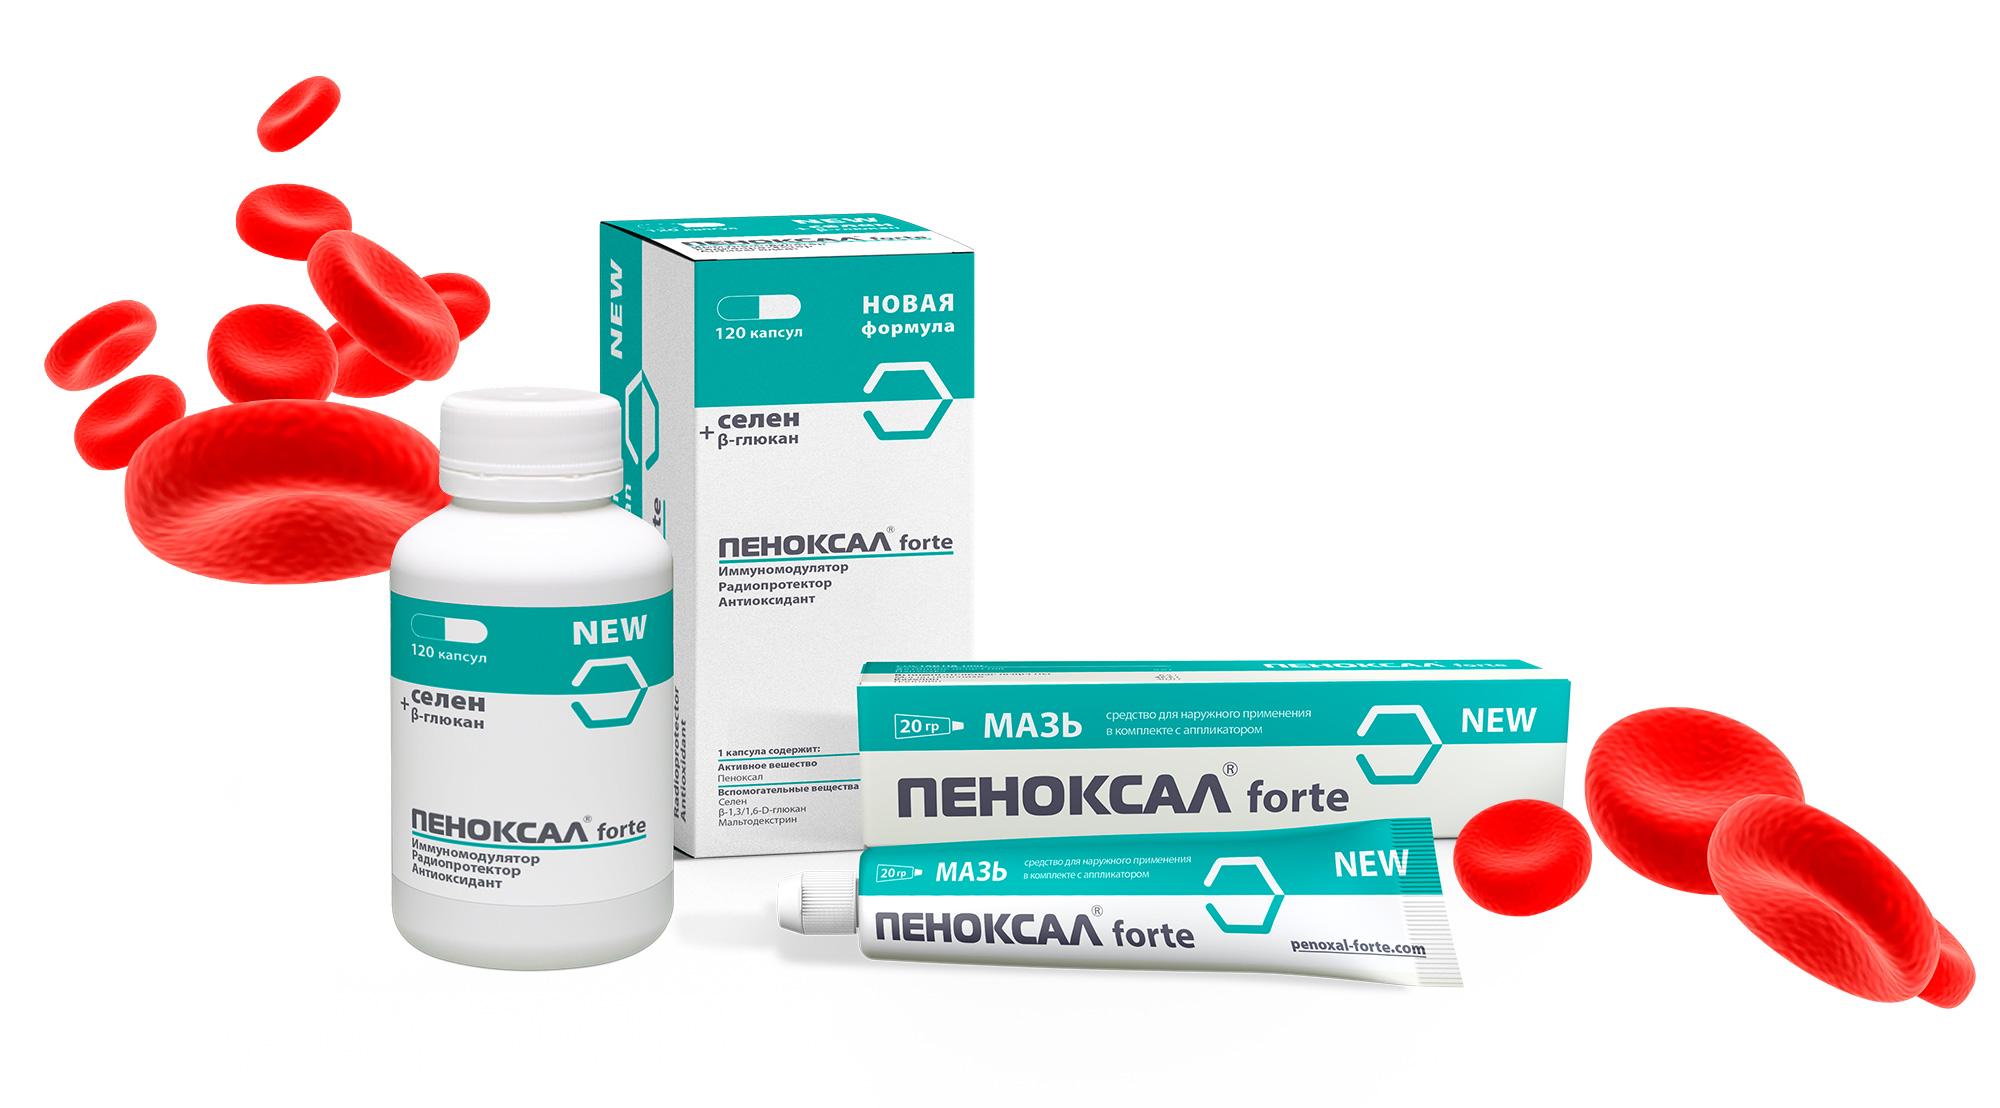 Дизайн упаковки препарата «Пеноксал forte»